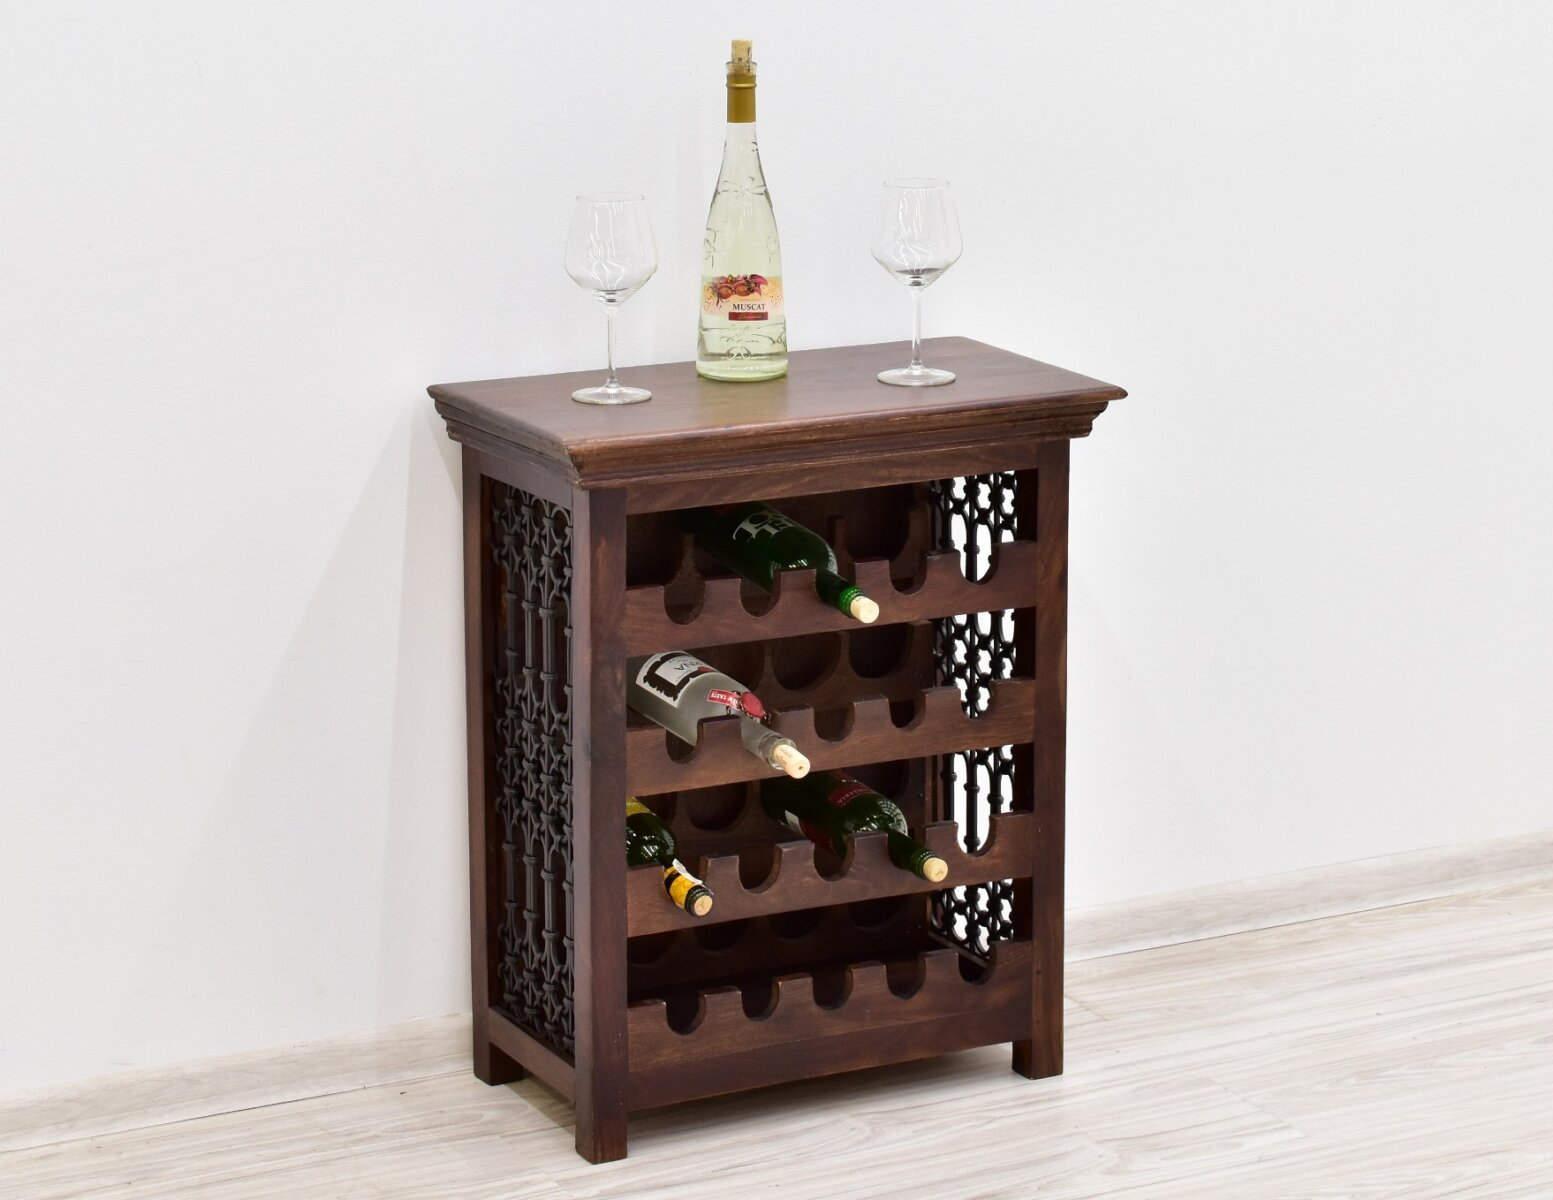 stojak-na-wino-kolonialny-lite-drewno-palisander-indyjski-z-metaloplastyka-ciemny-braz-pojemny